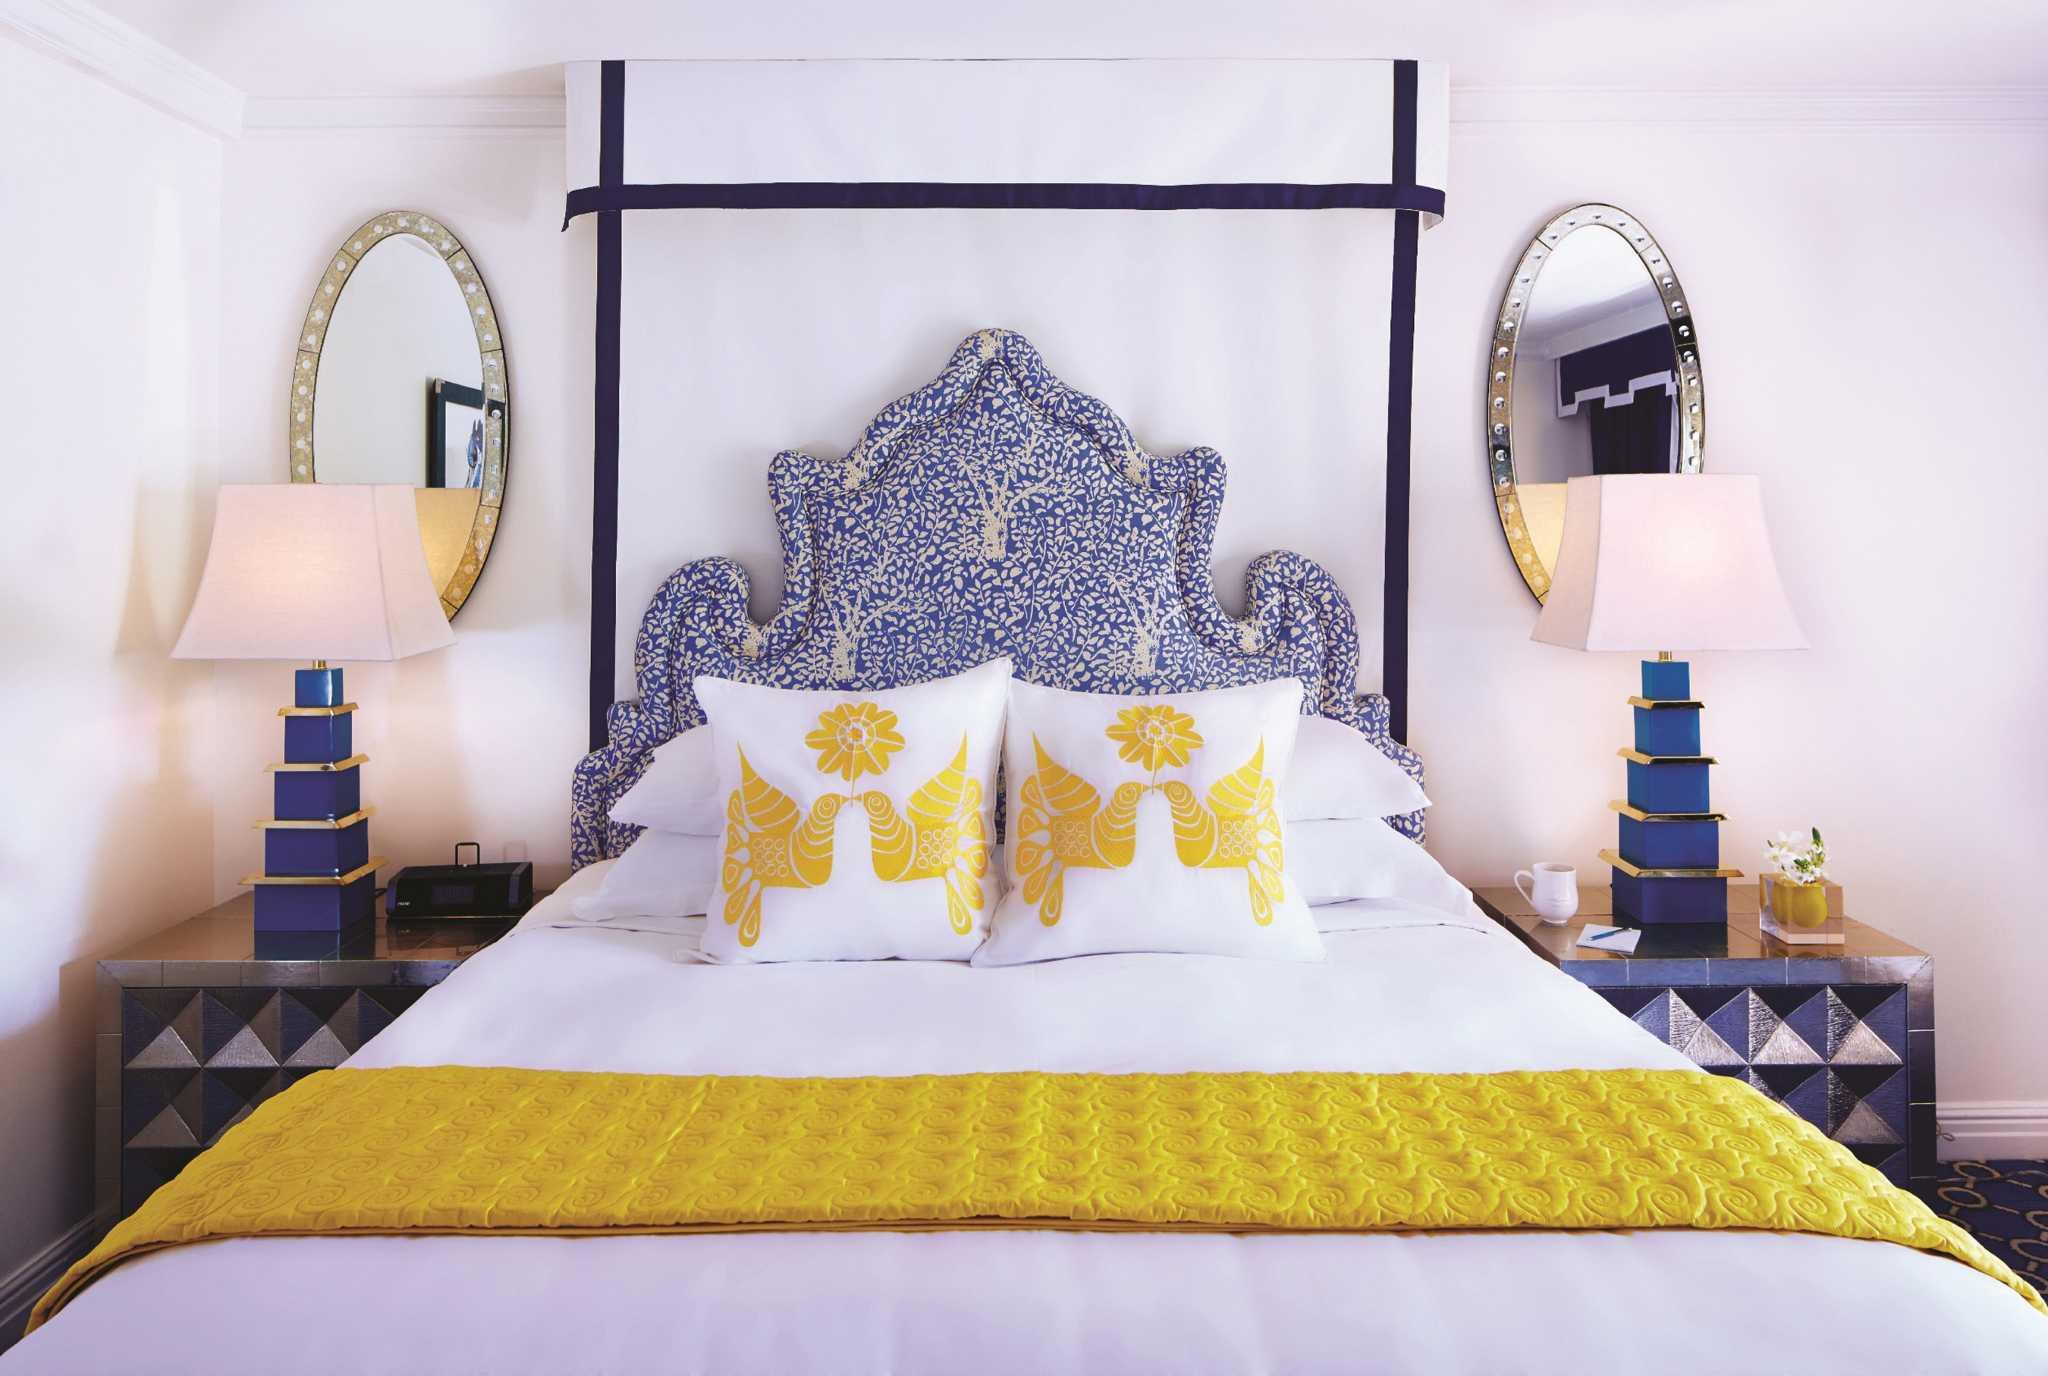 New Jonathan Adlerdesigned Hotel Wows In South Florida Houston - Jonathan adler bedroom